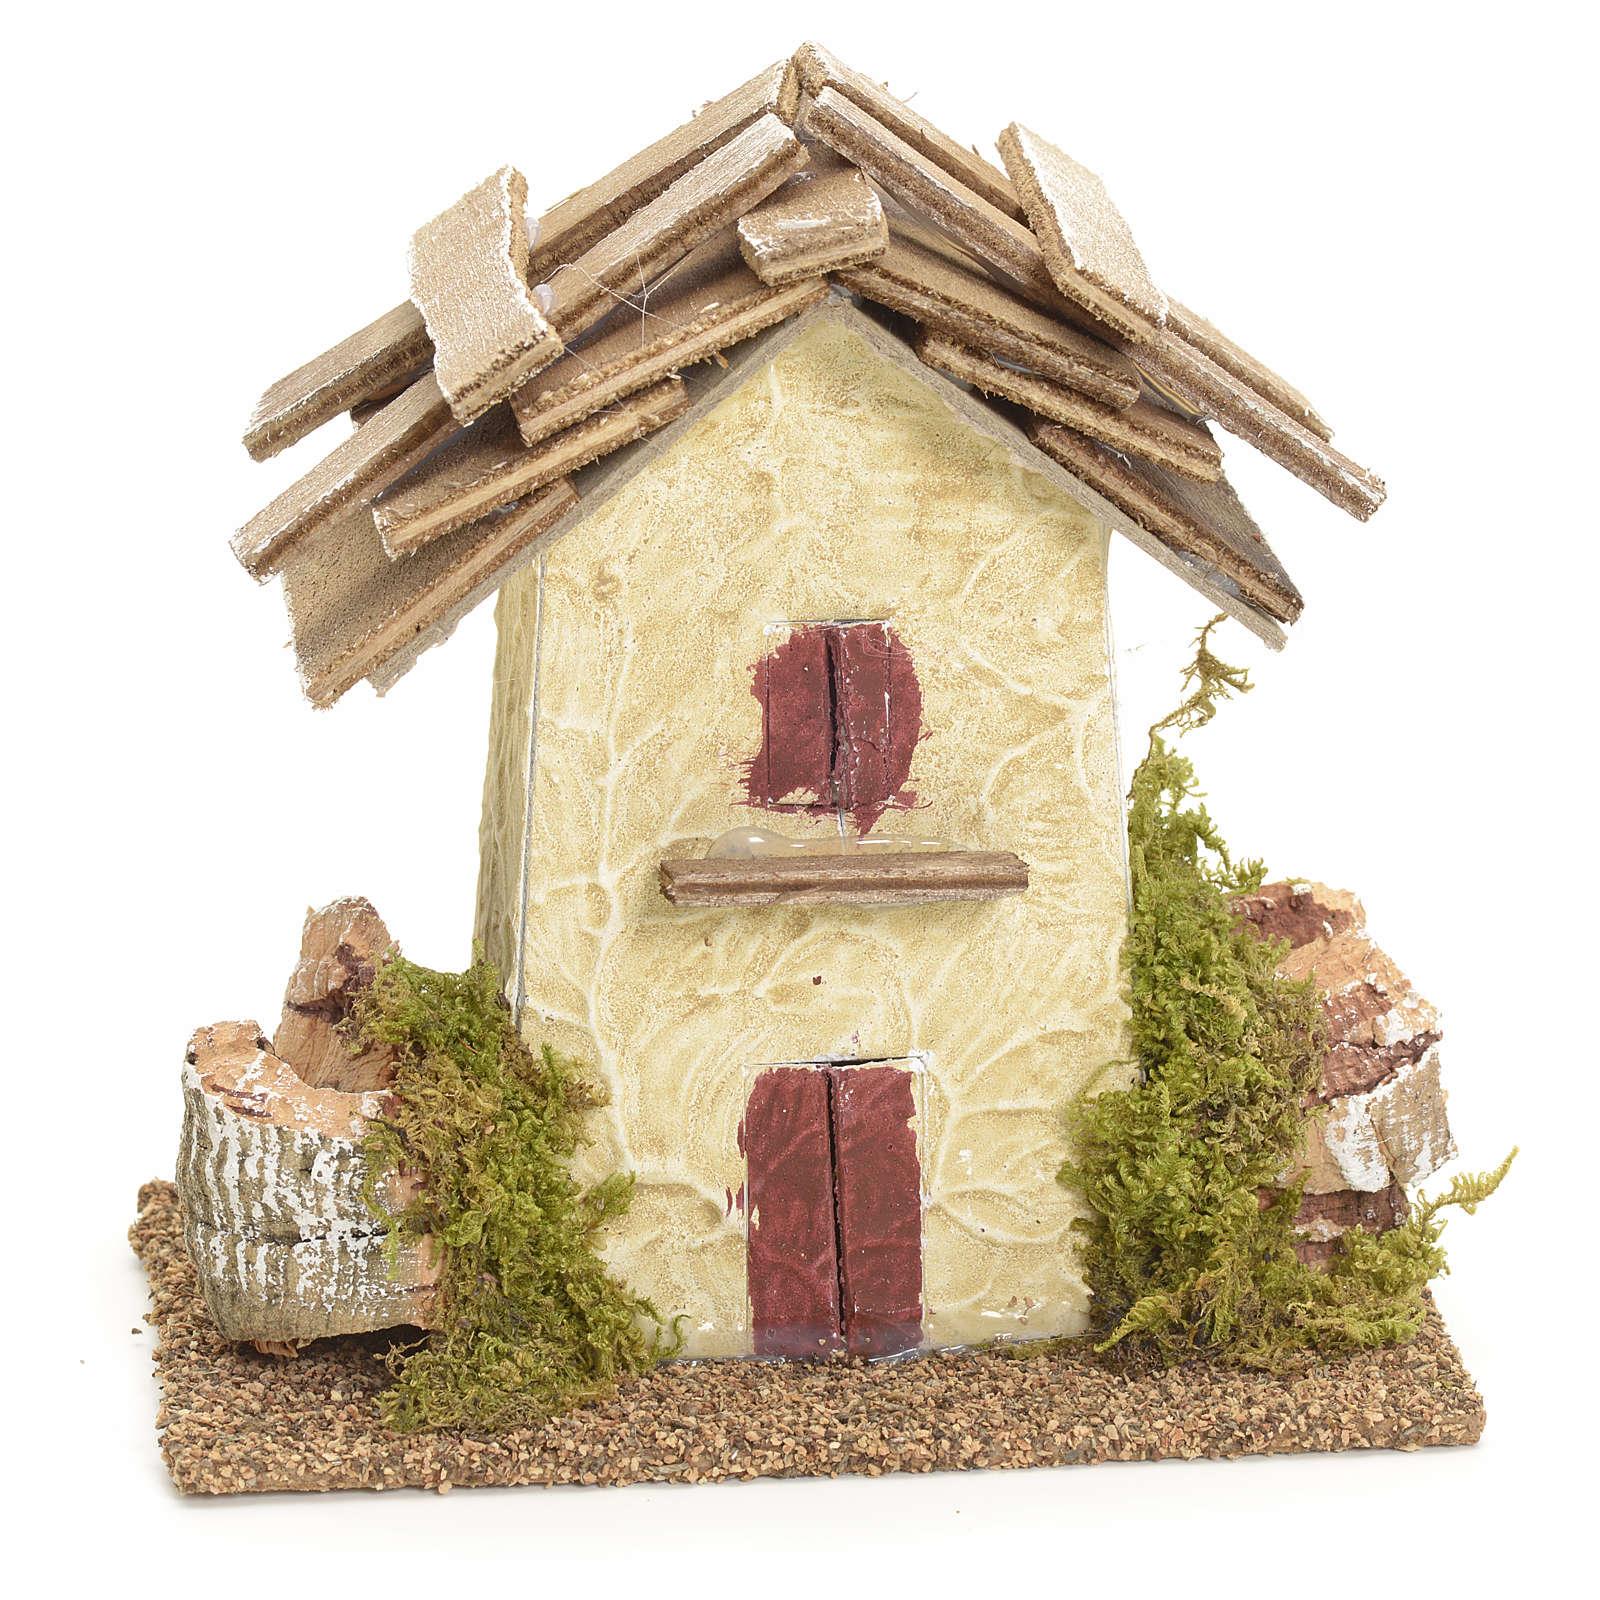 Maison de campagne en miniature avec roches 11x11x6 pour crèche 4